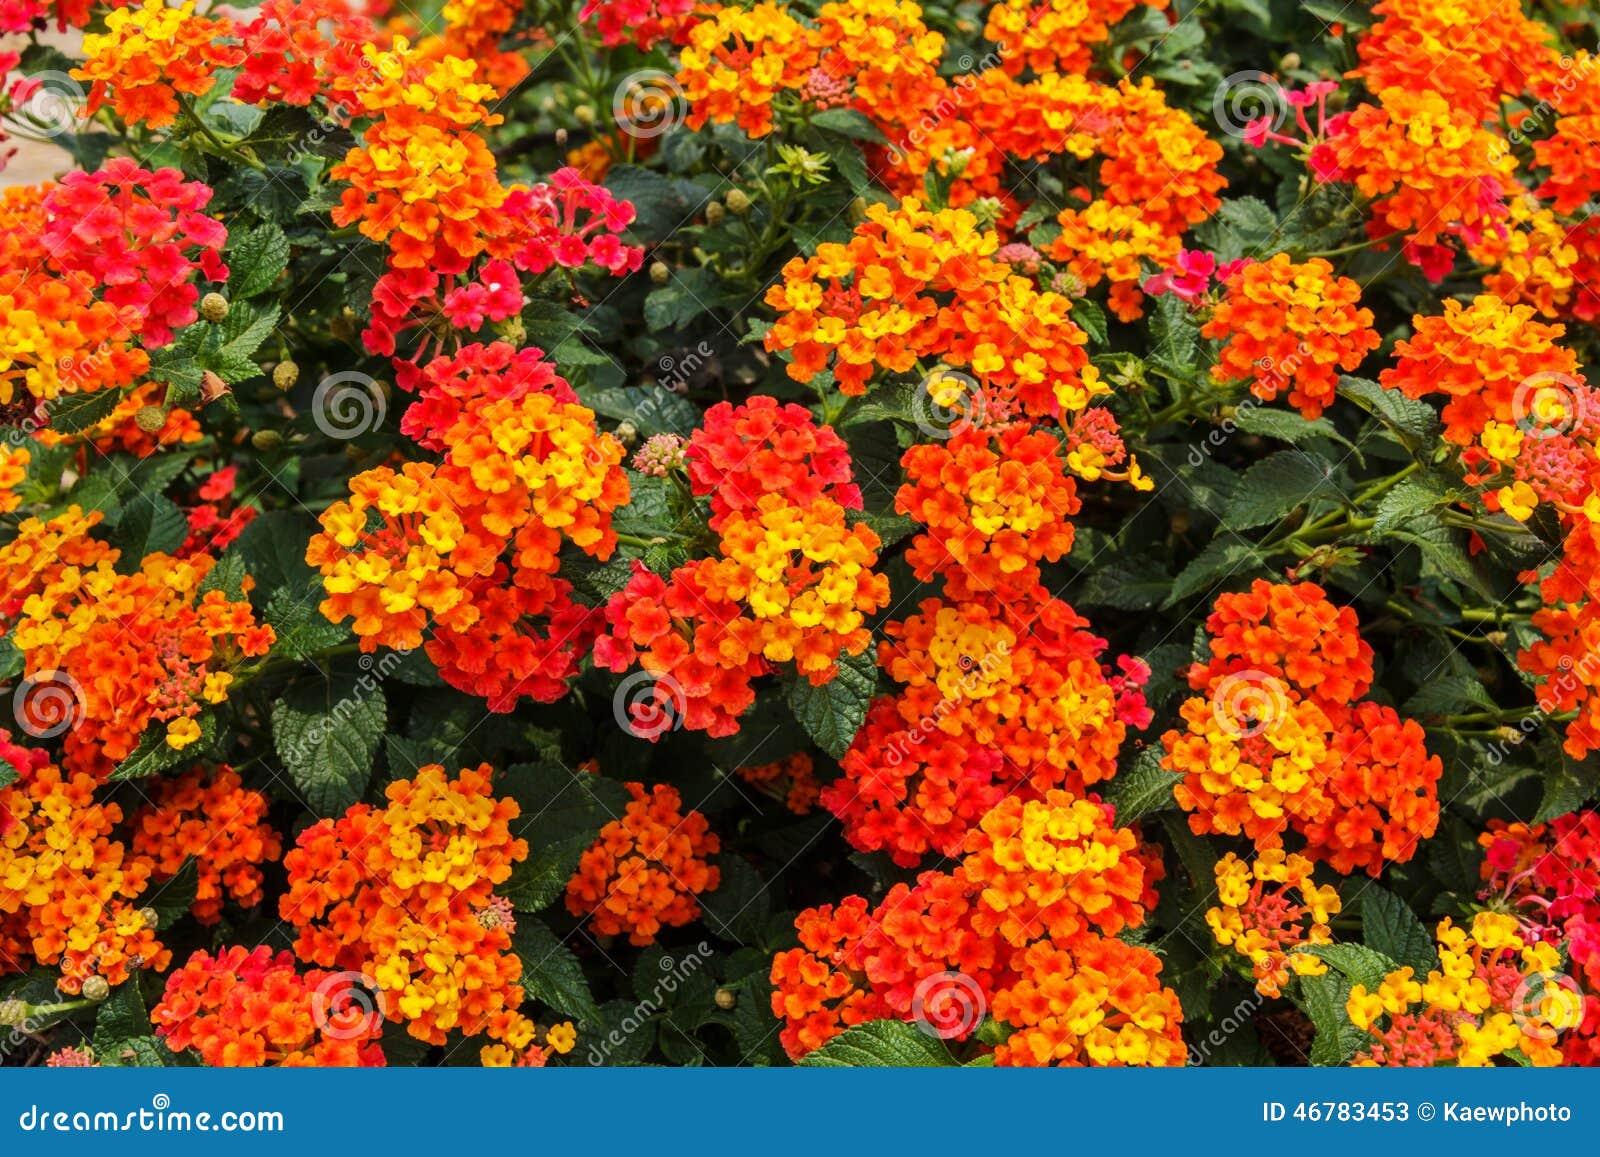 Schöne Bunte Hecken Blume Weinender Lantana Stockbild Bild